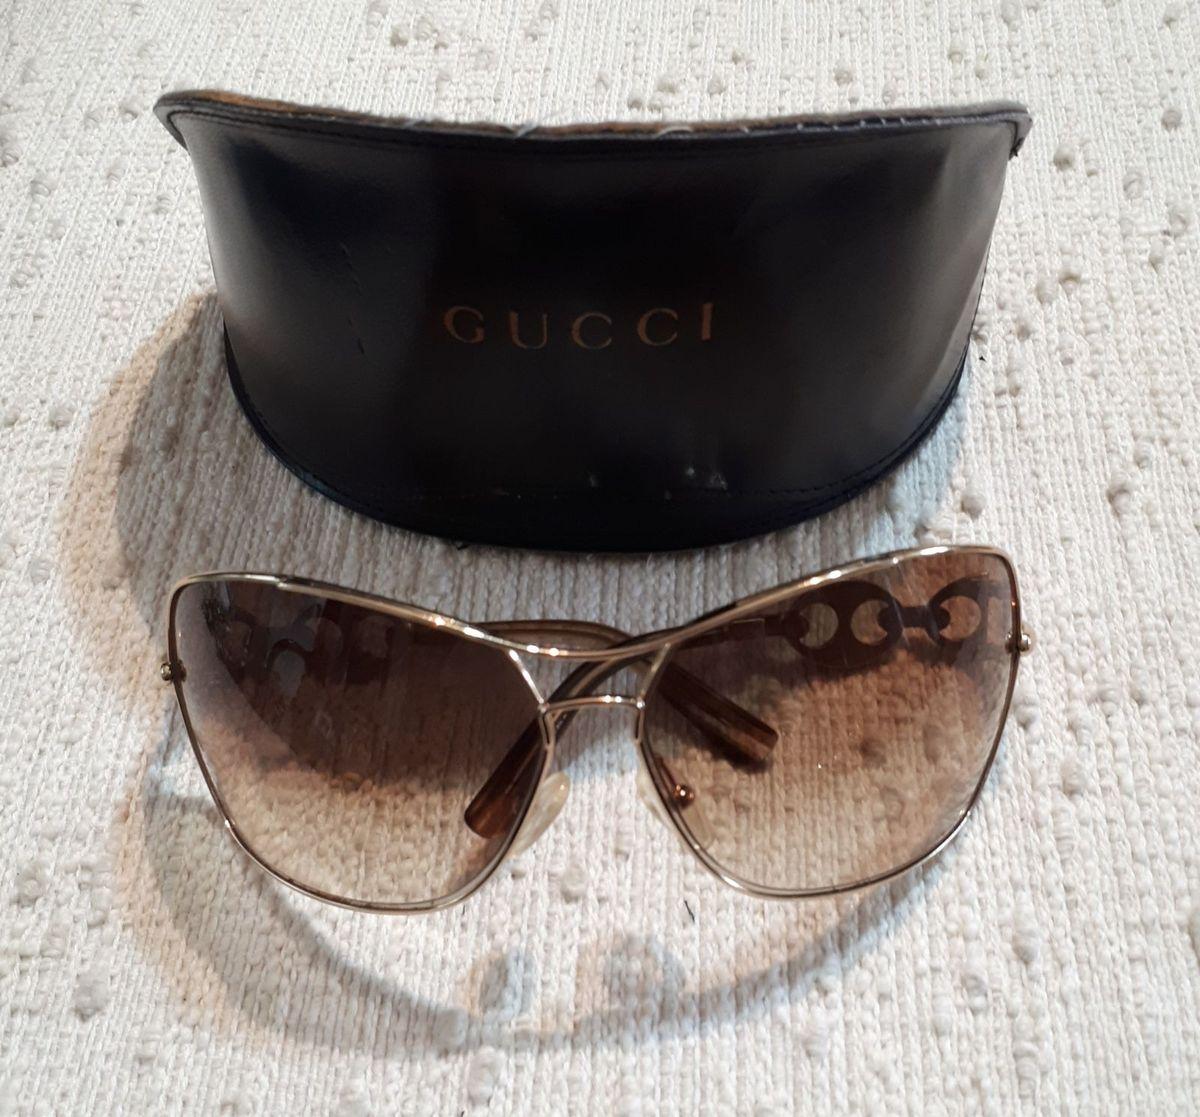 óculos de sol gucci - óculos gucci.  Czm6ly9wag90b3muzw5qb2vplmnvbs5ici9wcm9kdwn0cy8ymzc1njavnzg5mdi2zte1mjbjmjm3otk2zmu2zte2odzkzmi2nguuanbn  ... f0f43b6251